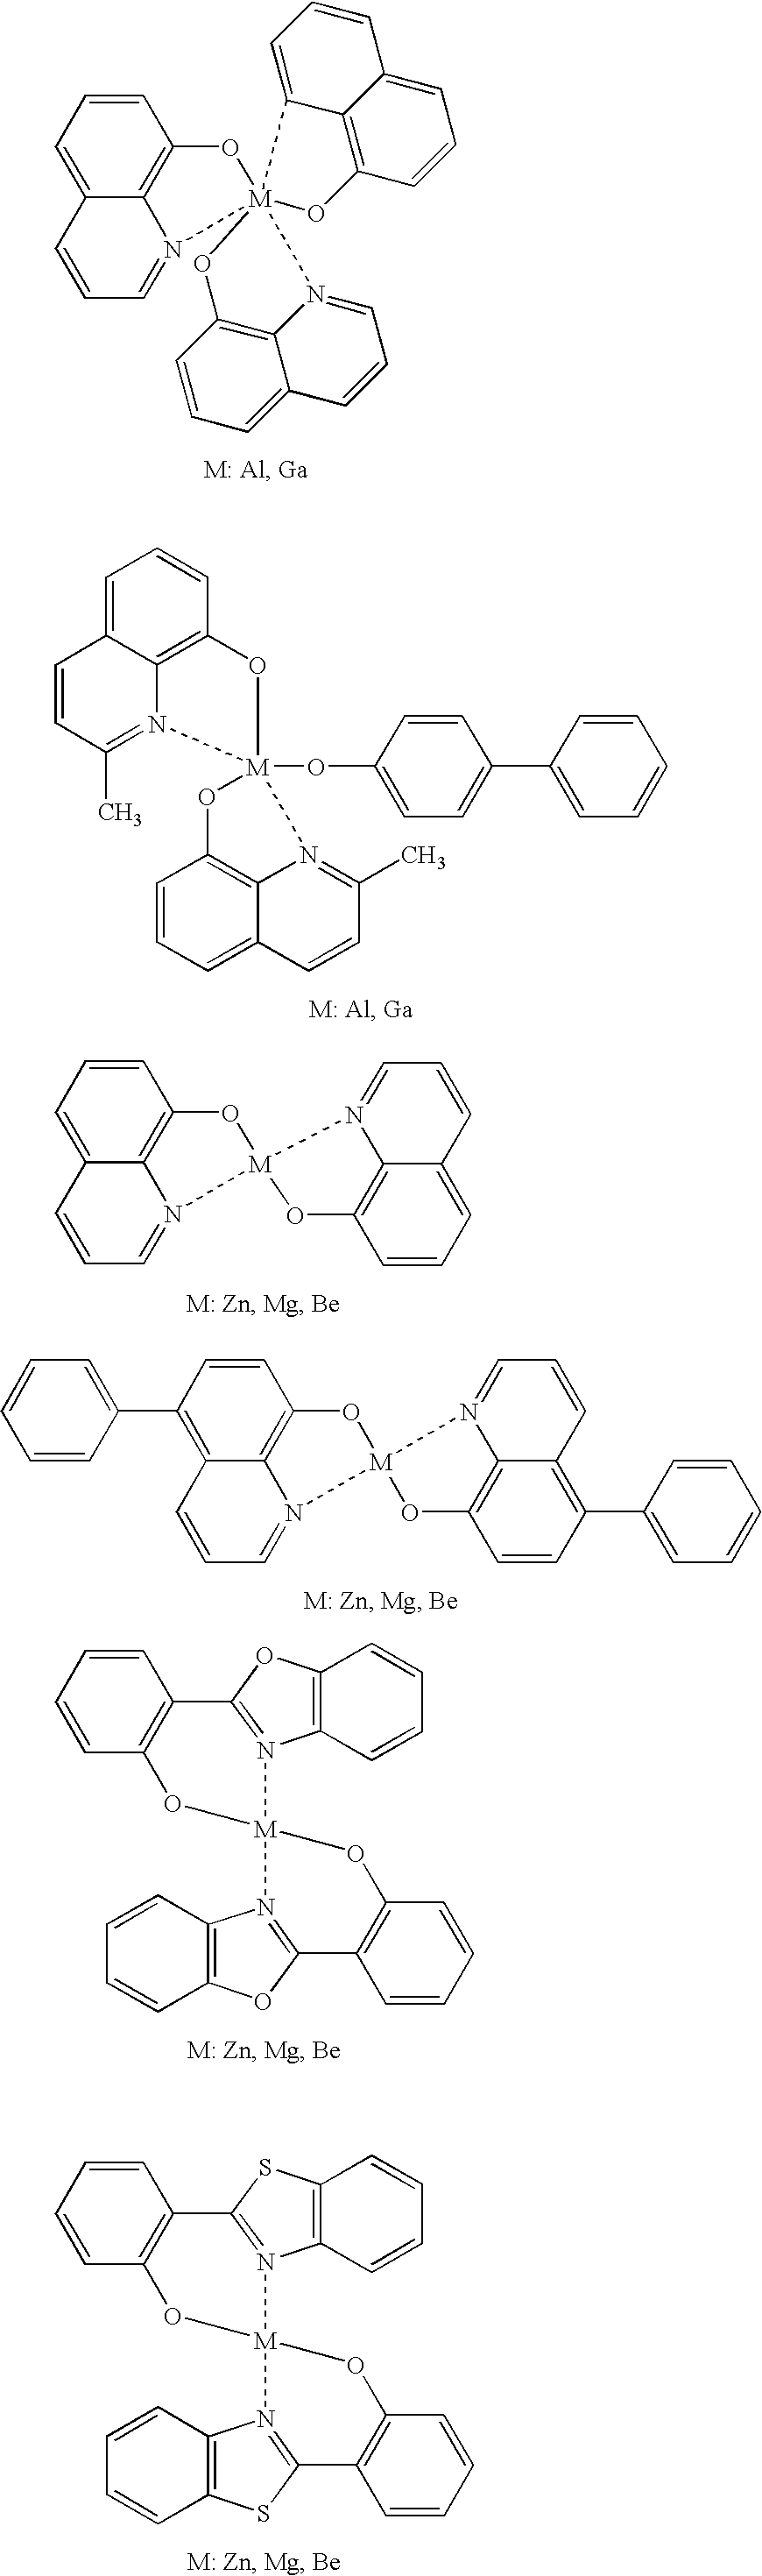 Figure US08263235-20120911-C00003